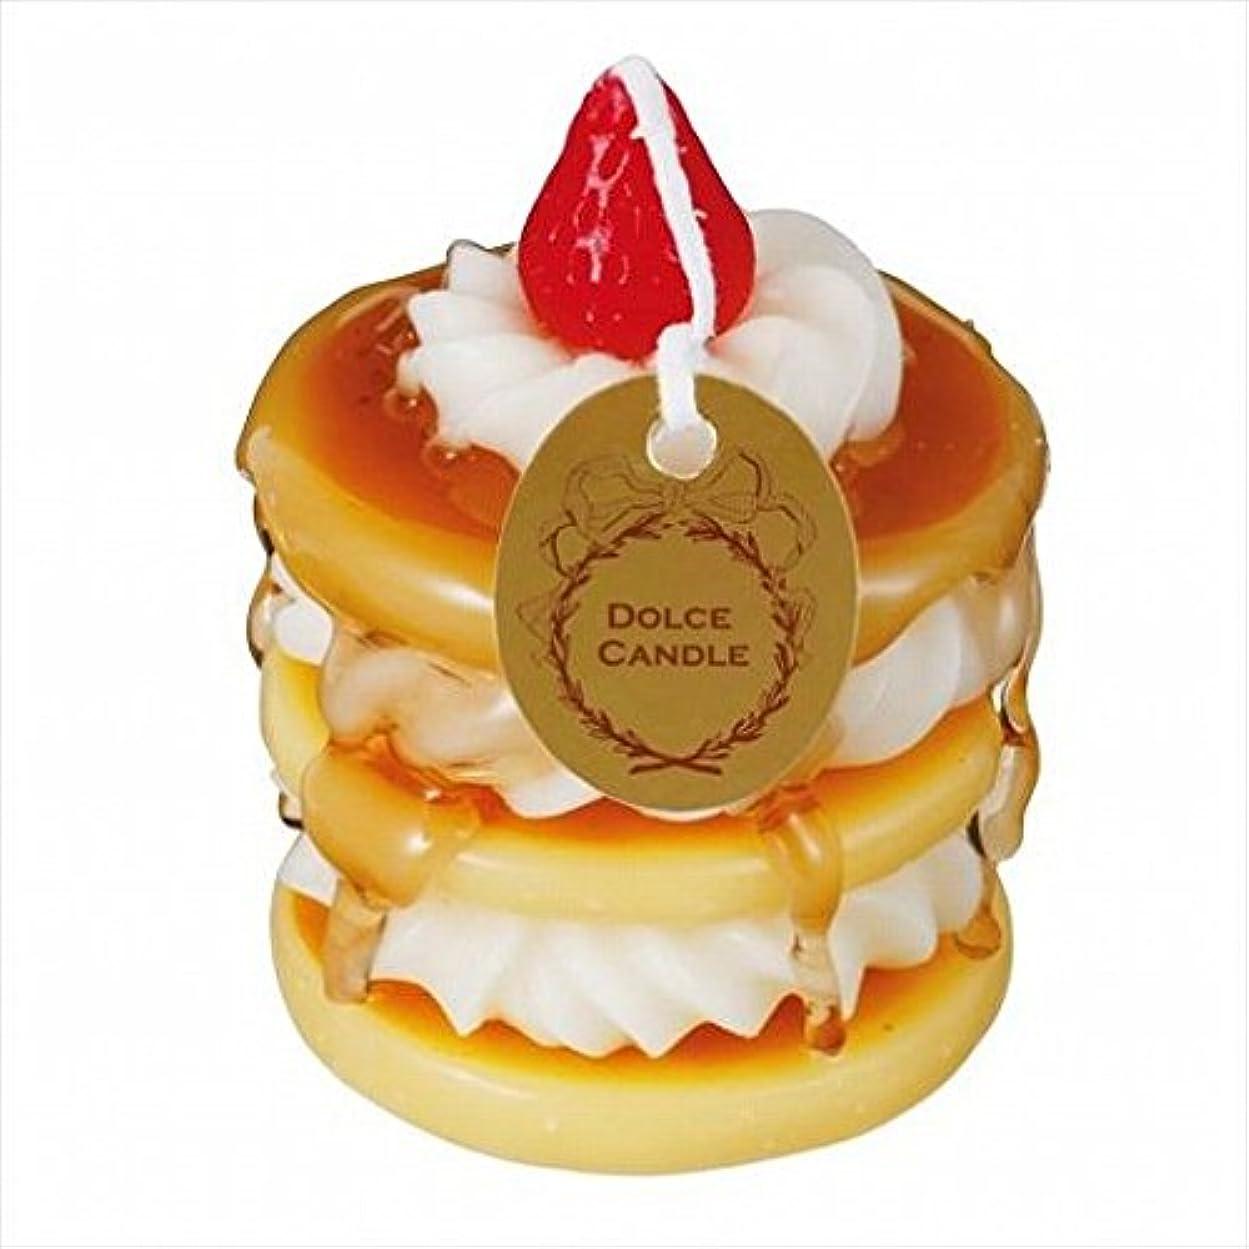 プロトタイプ棚比類なきsweets candle(スイーツキャンドル) ドルチェキャンドル 「 パンケーキ 」 キャンドル 56x56x80mm (A4340550)